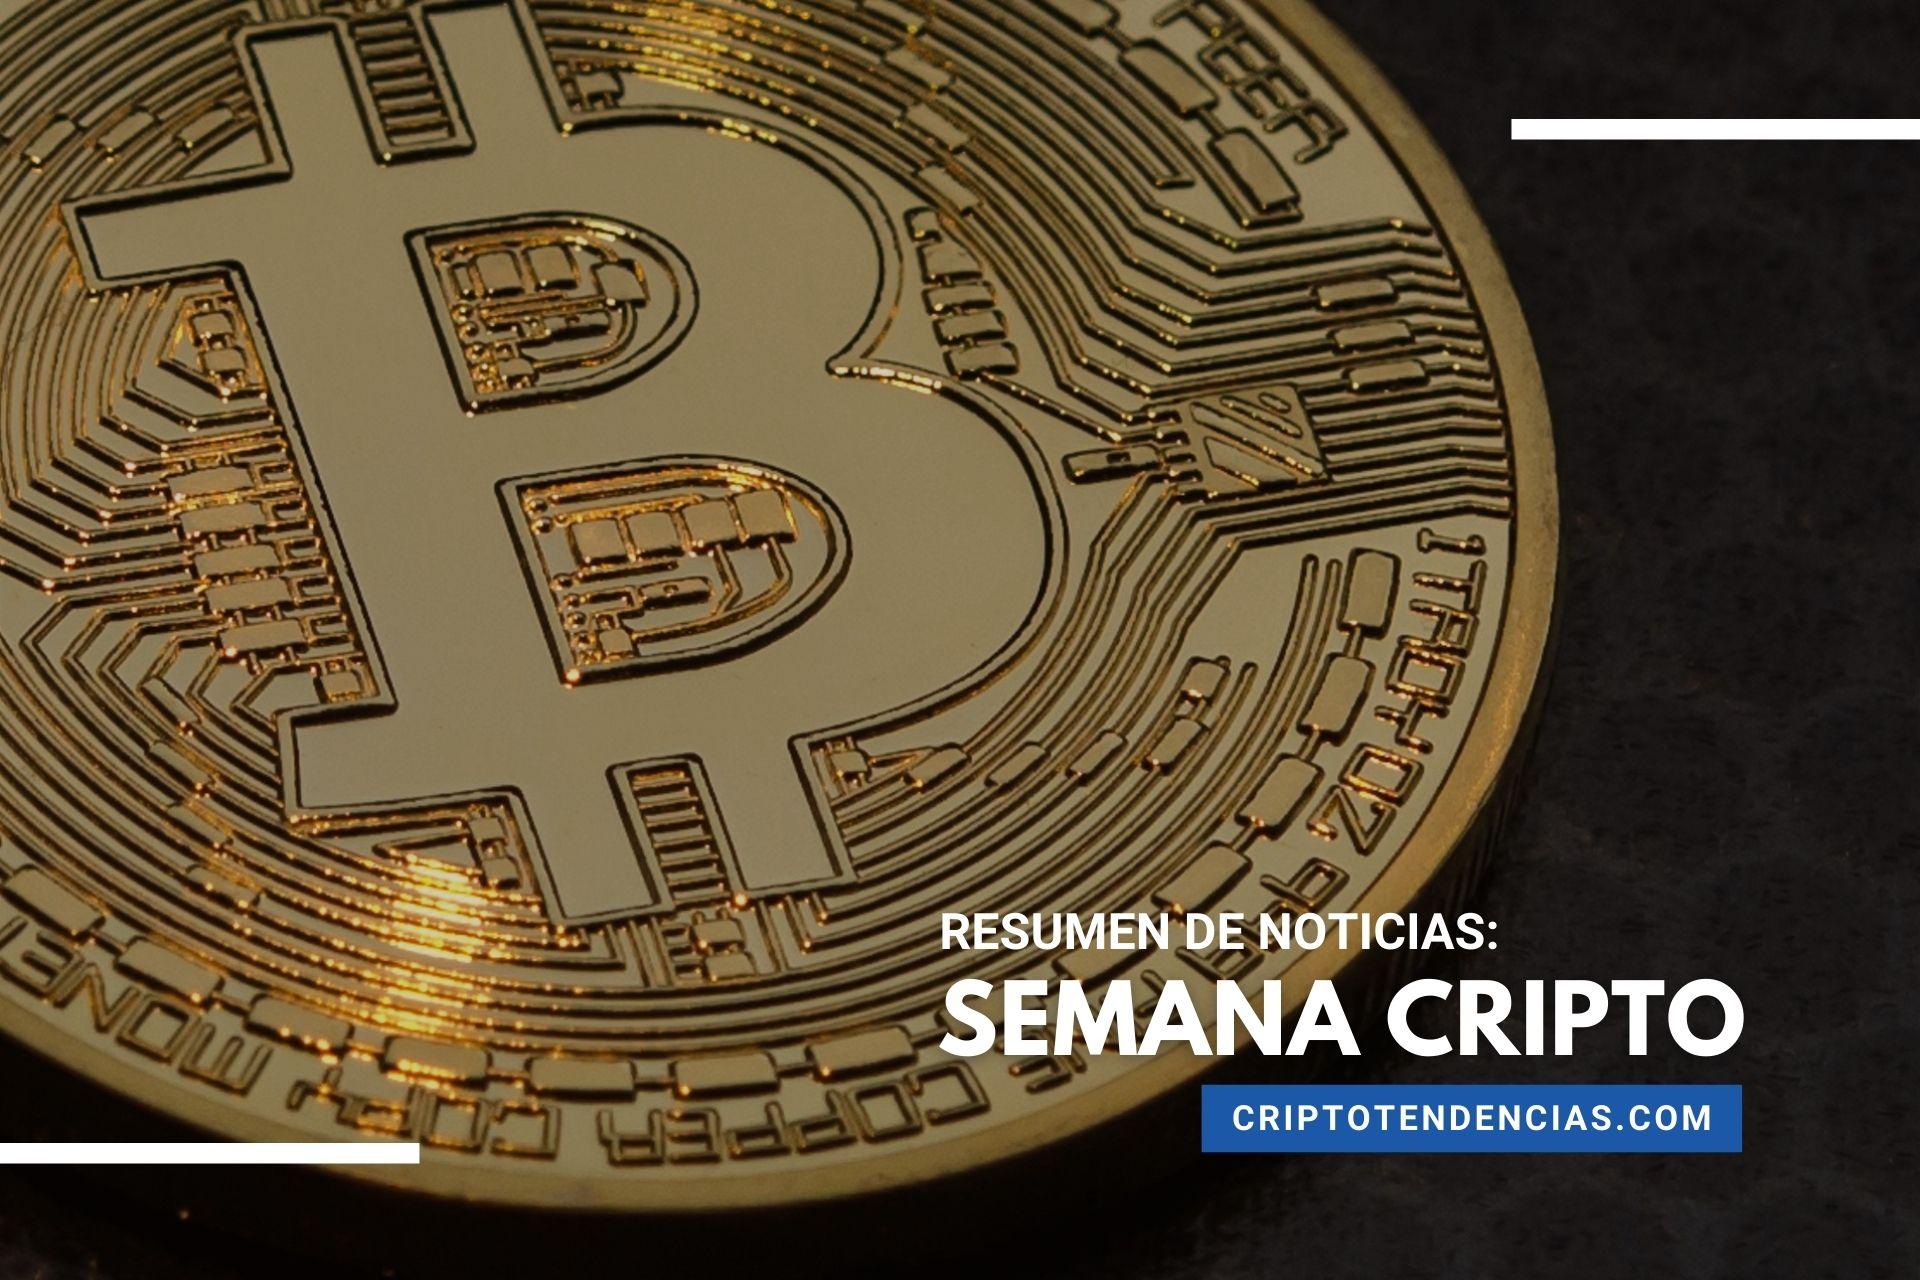 Revive las noticias más destacadas sobre Bitcoin y las criptomonedas en la Semana Cripto